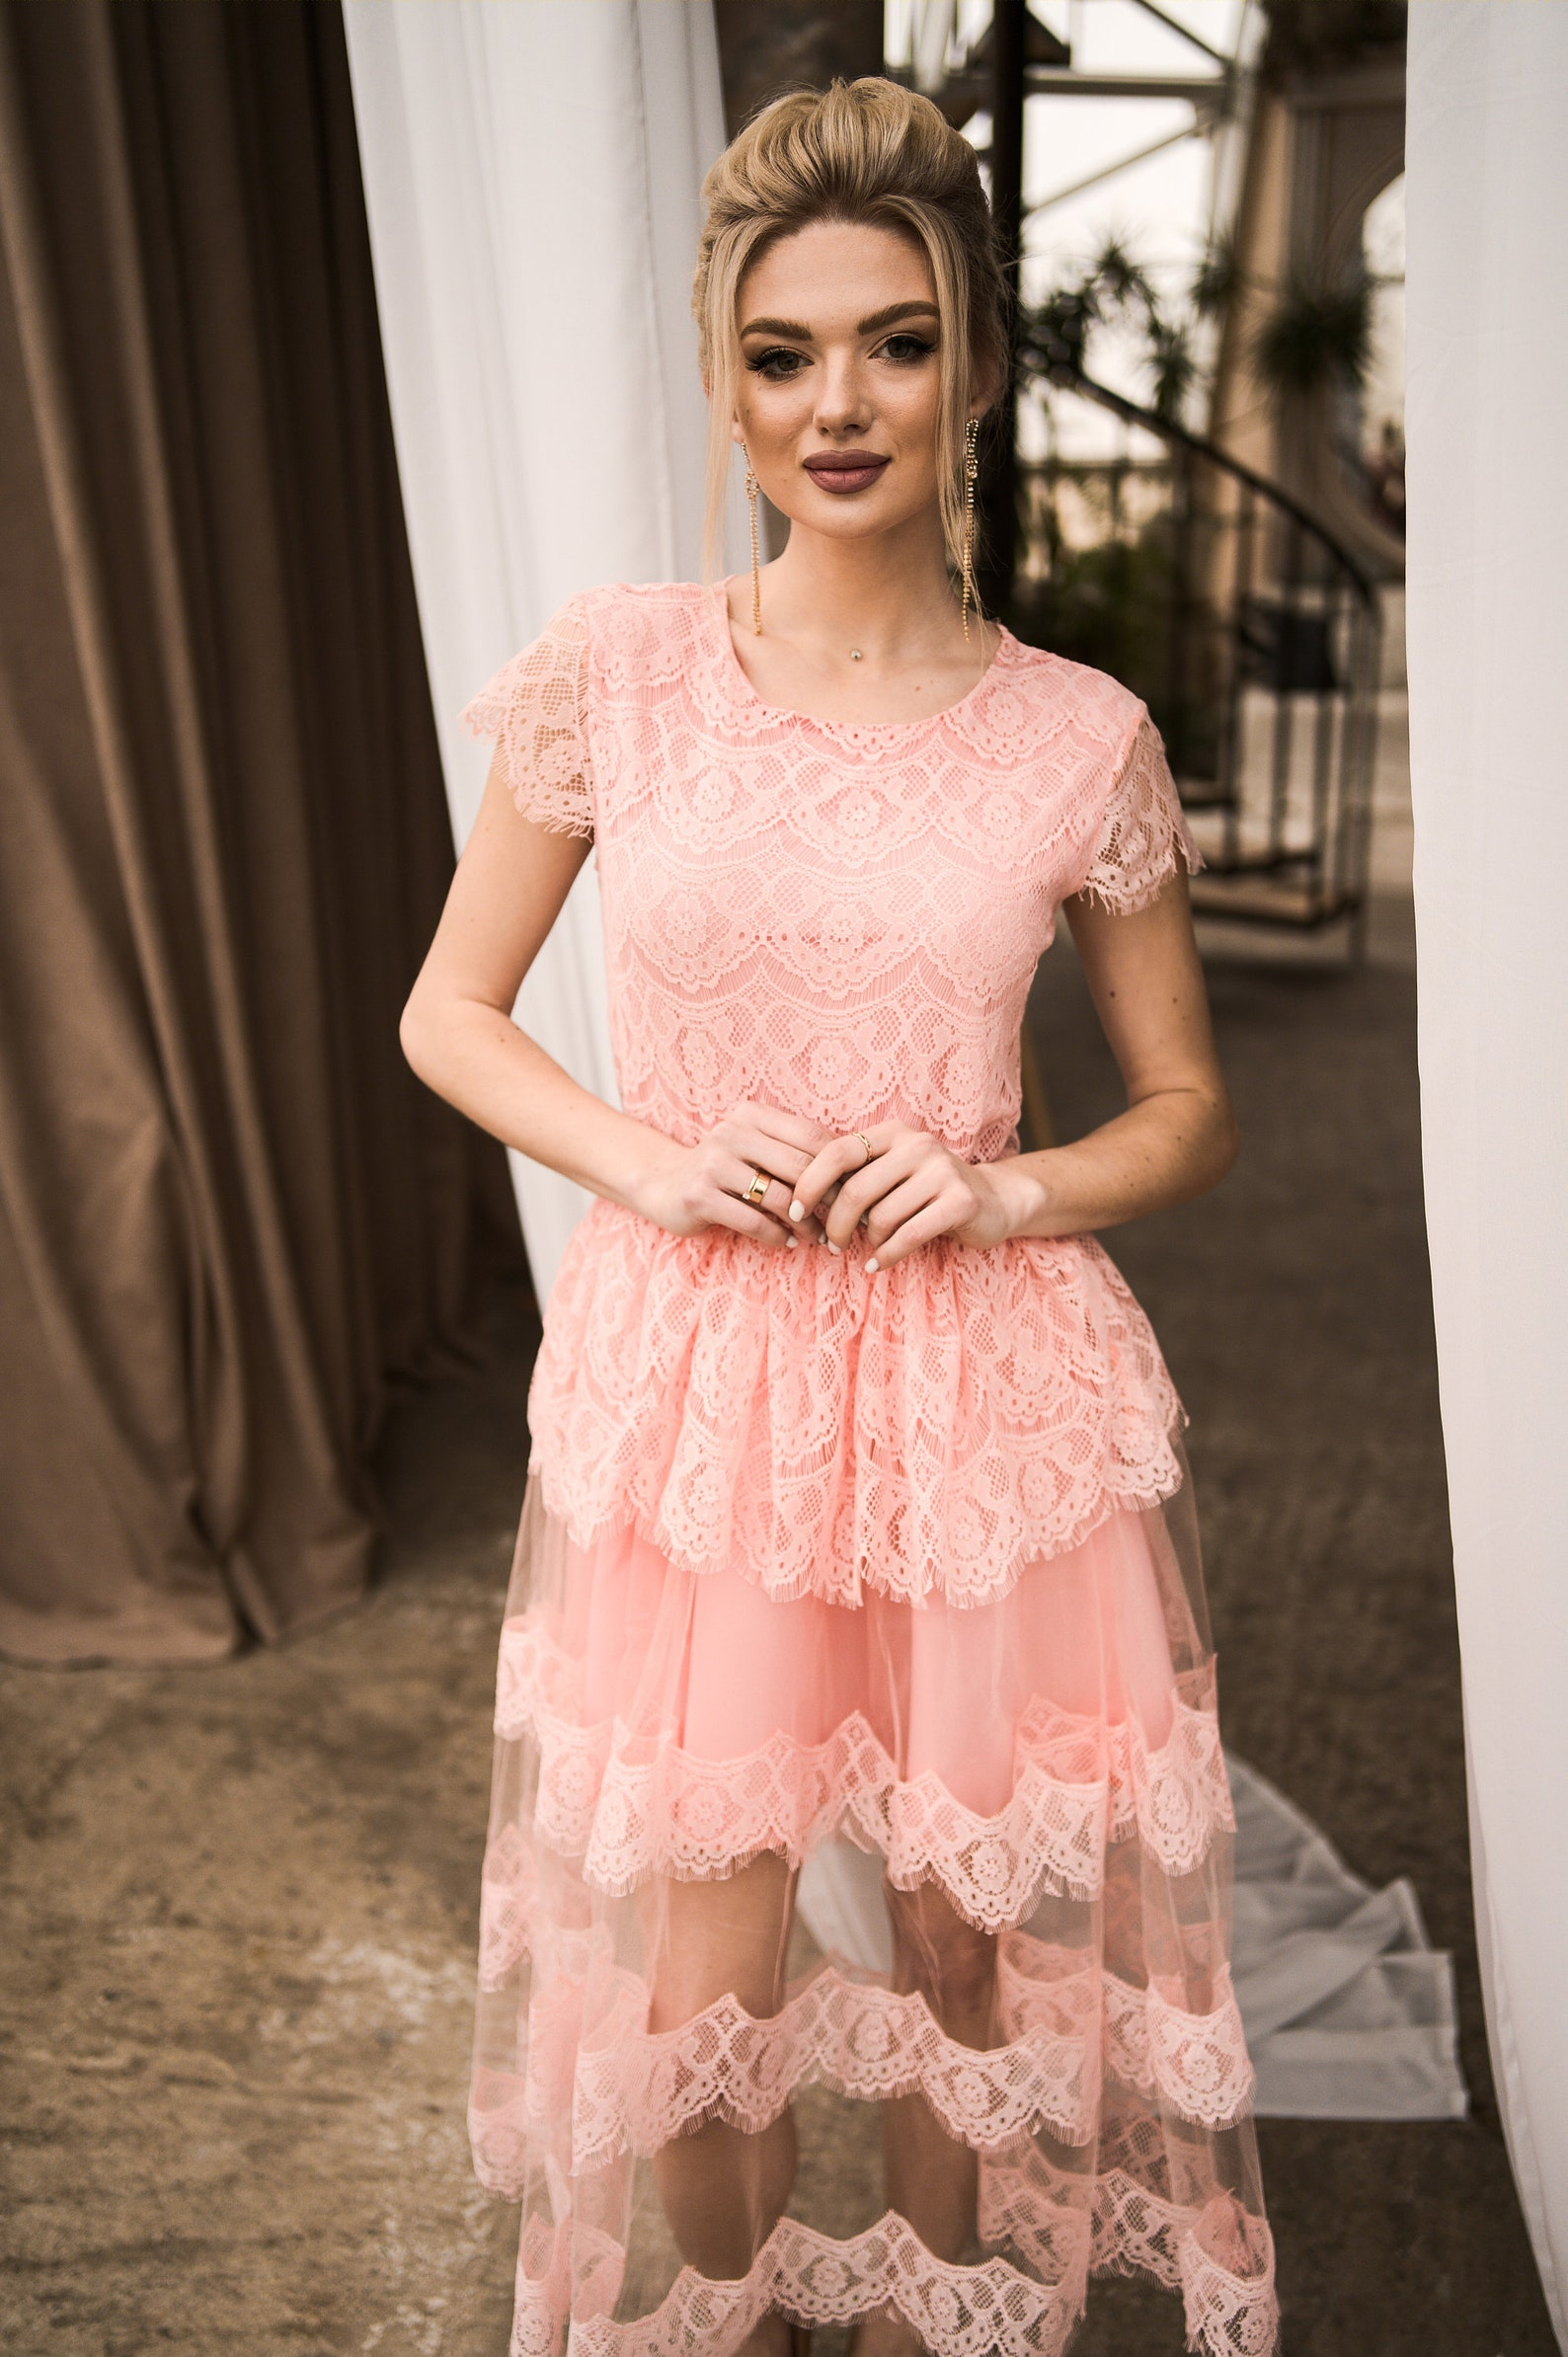 Tüll Brautjungfer Kleid nackt Kleid Sommer Hochzeit Gast